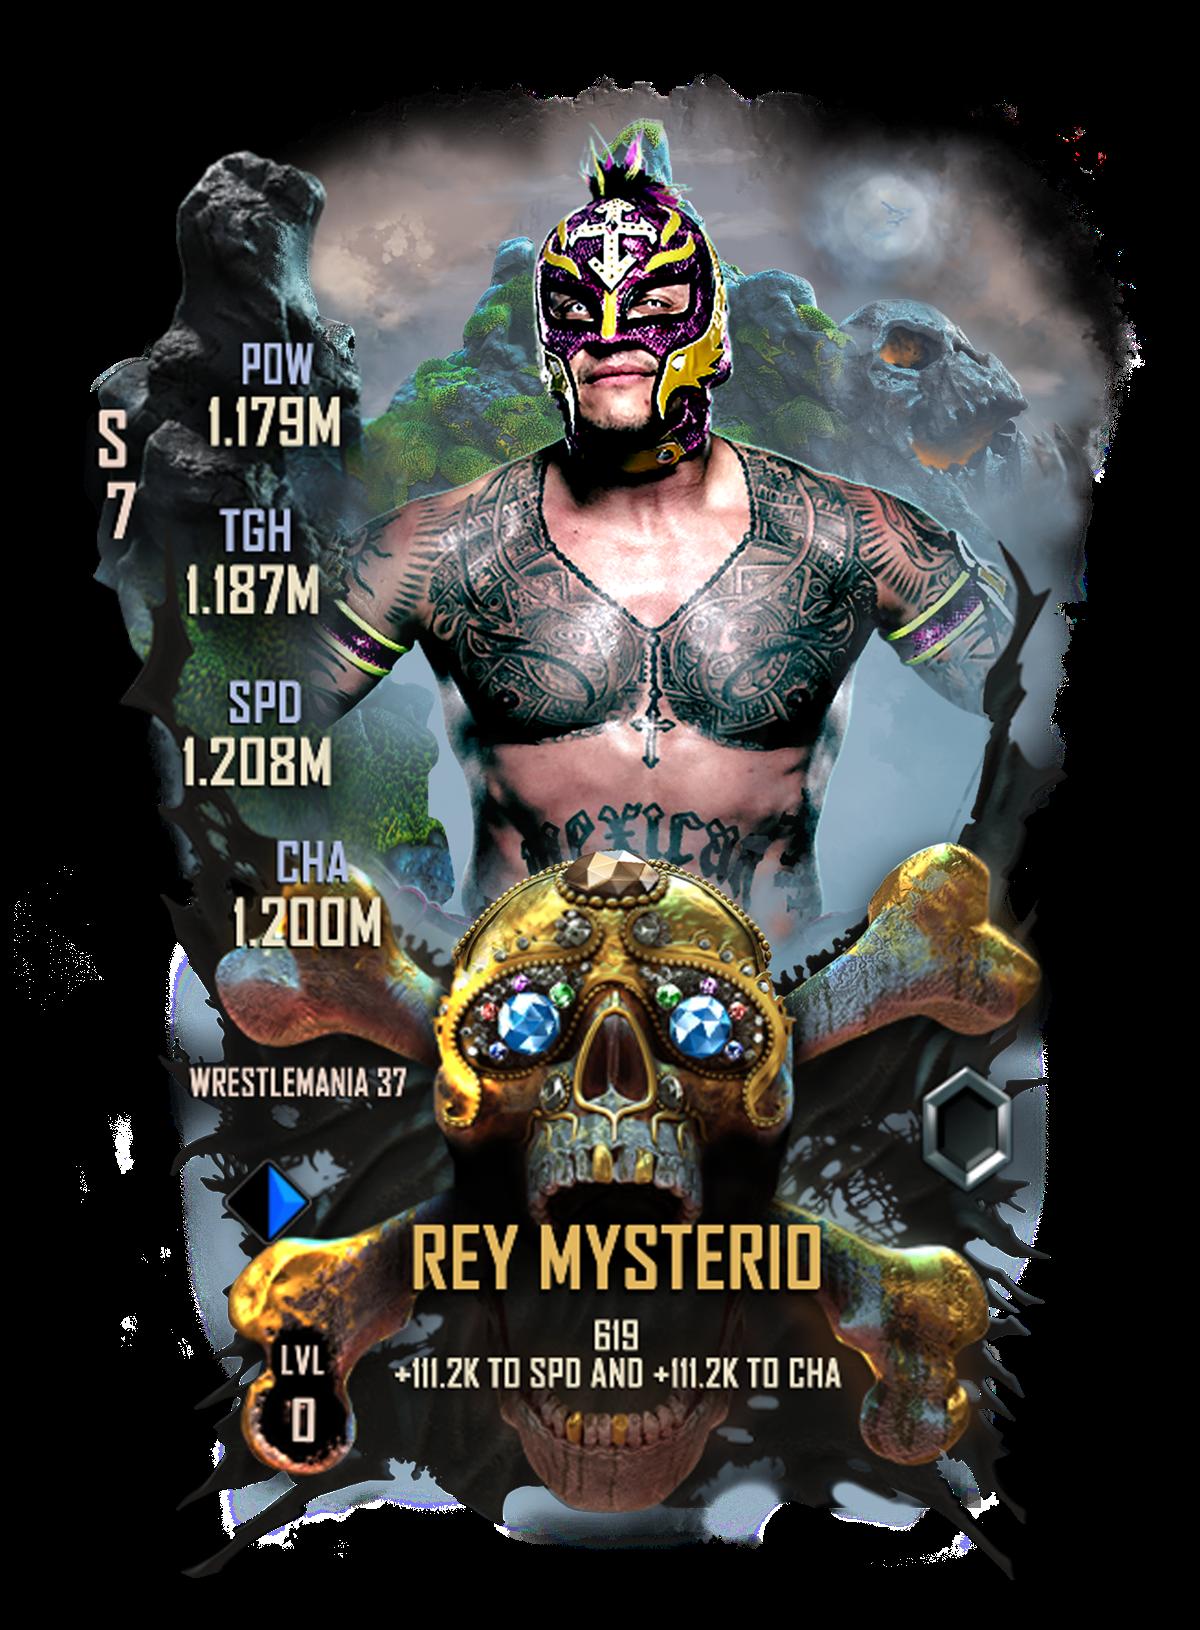 WWE SuperCard WM37 Rey Mysterio